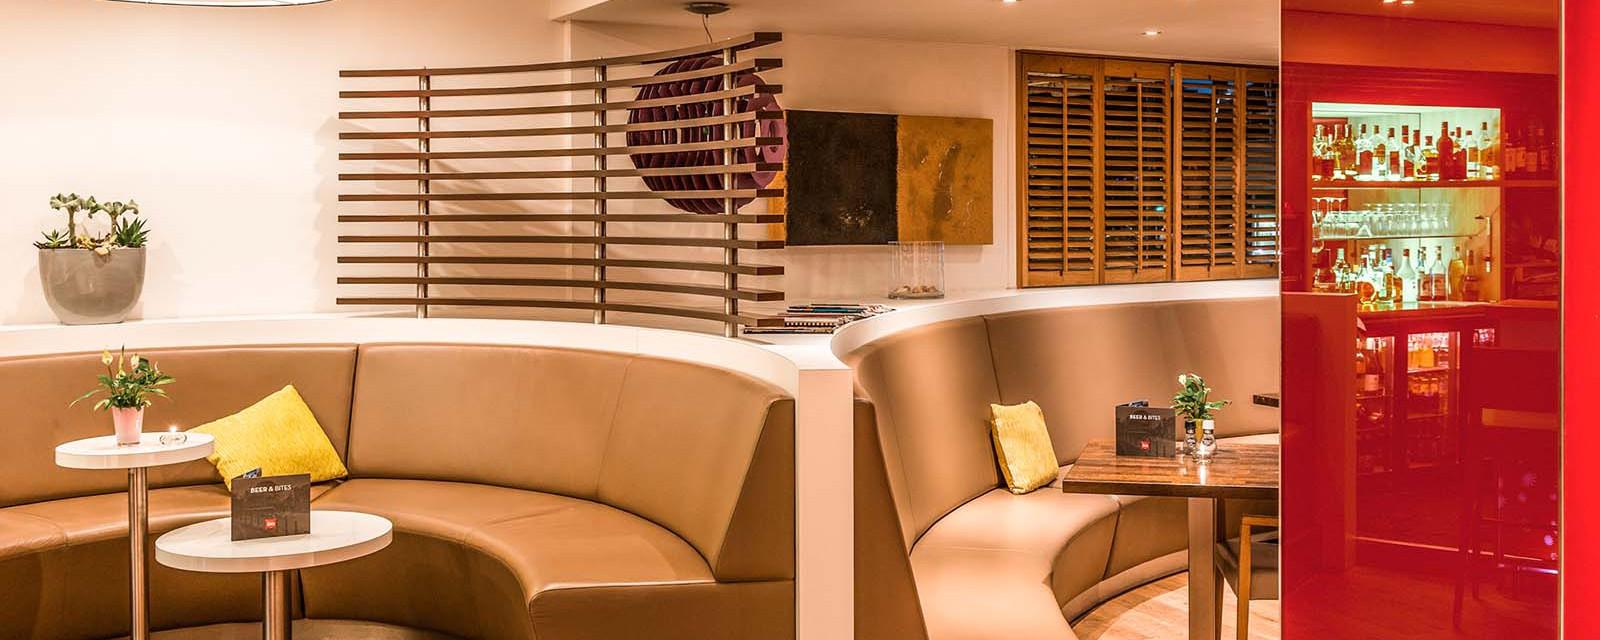 Ibis Hotel den Haag Scheveningen - Lobby